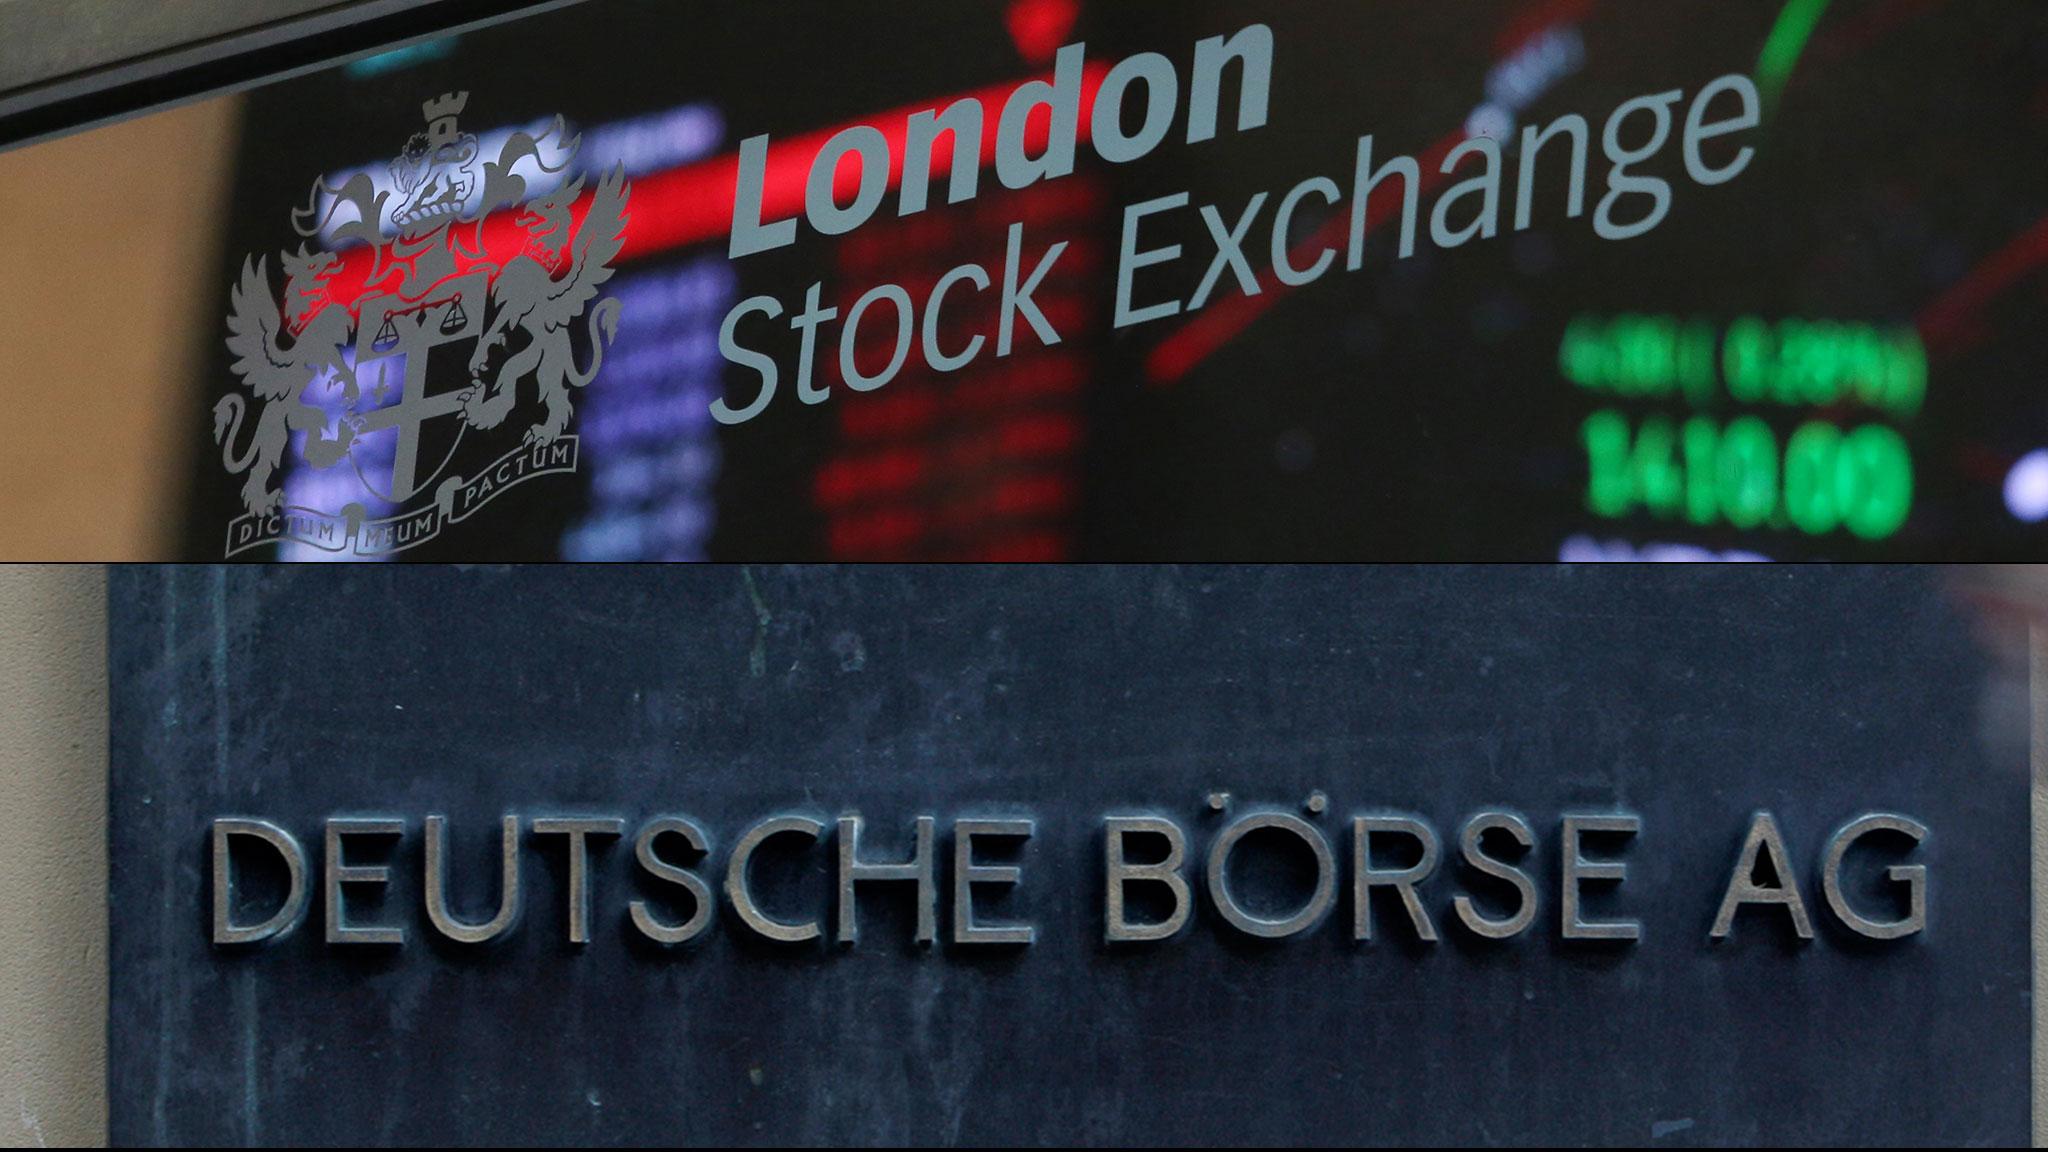 Злиття Deutsche Börse і LSE під загрозою через вимоги європейських регуляторів